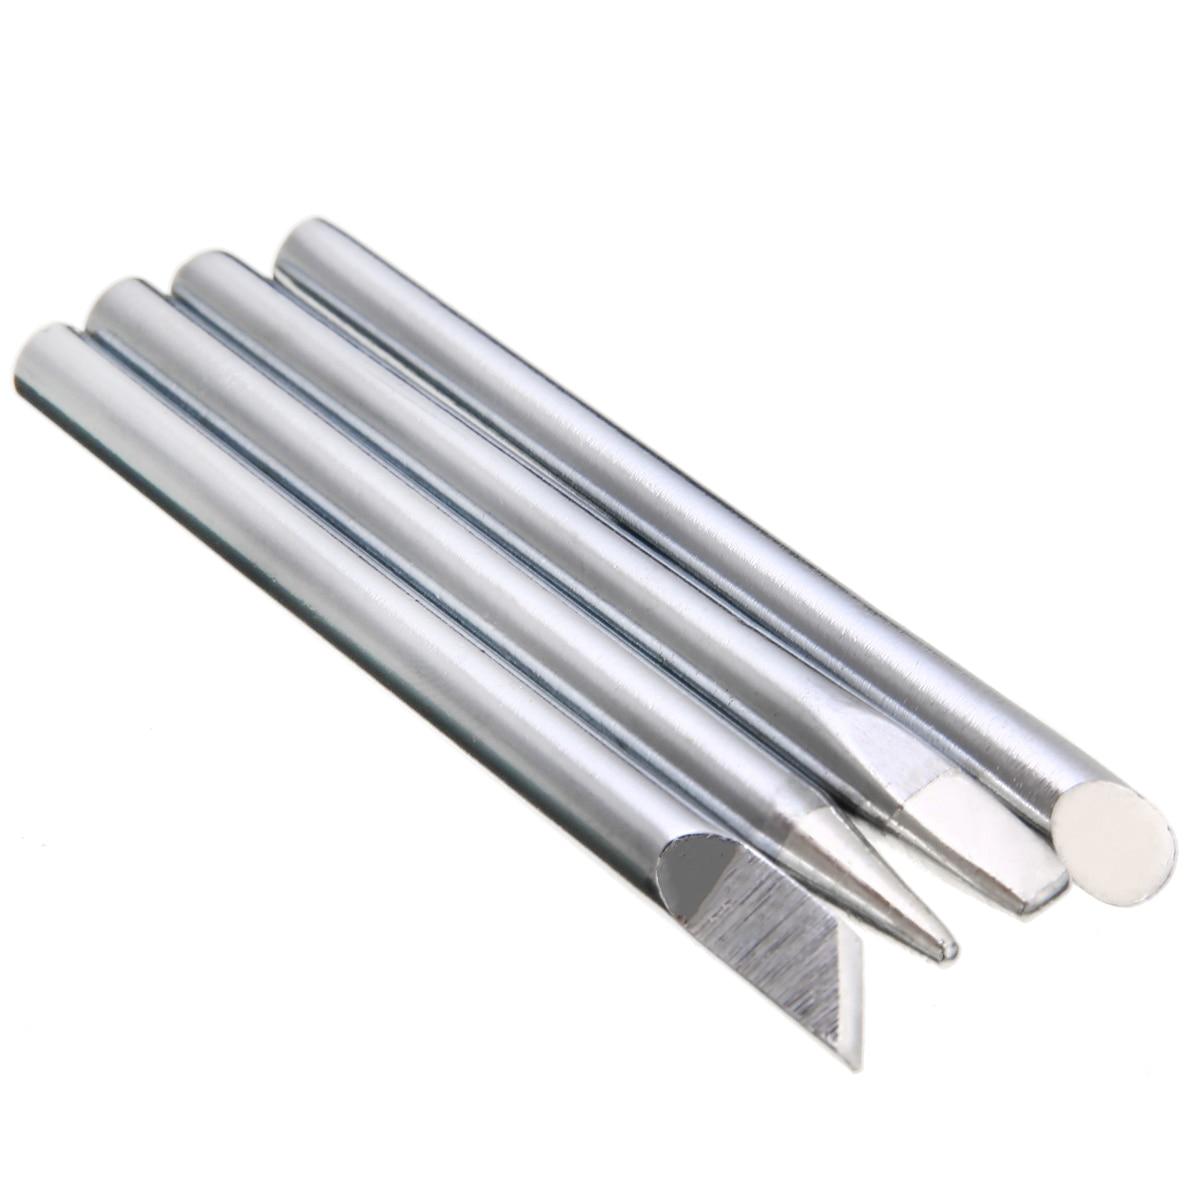 4 Pçs/set 60W Poder Ponta do Ferro de Solda Substituição Da Cabeça 5.5 milímetros Haste de Cobre Para Solda Elétrica Ferro De Solda Ferramenta de Cabeça